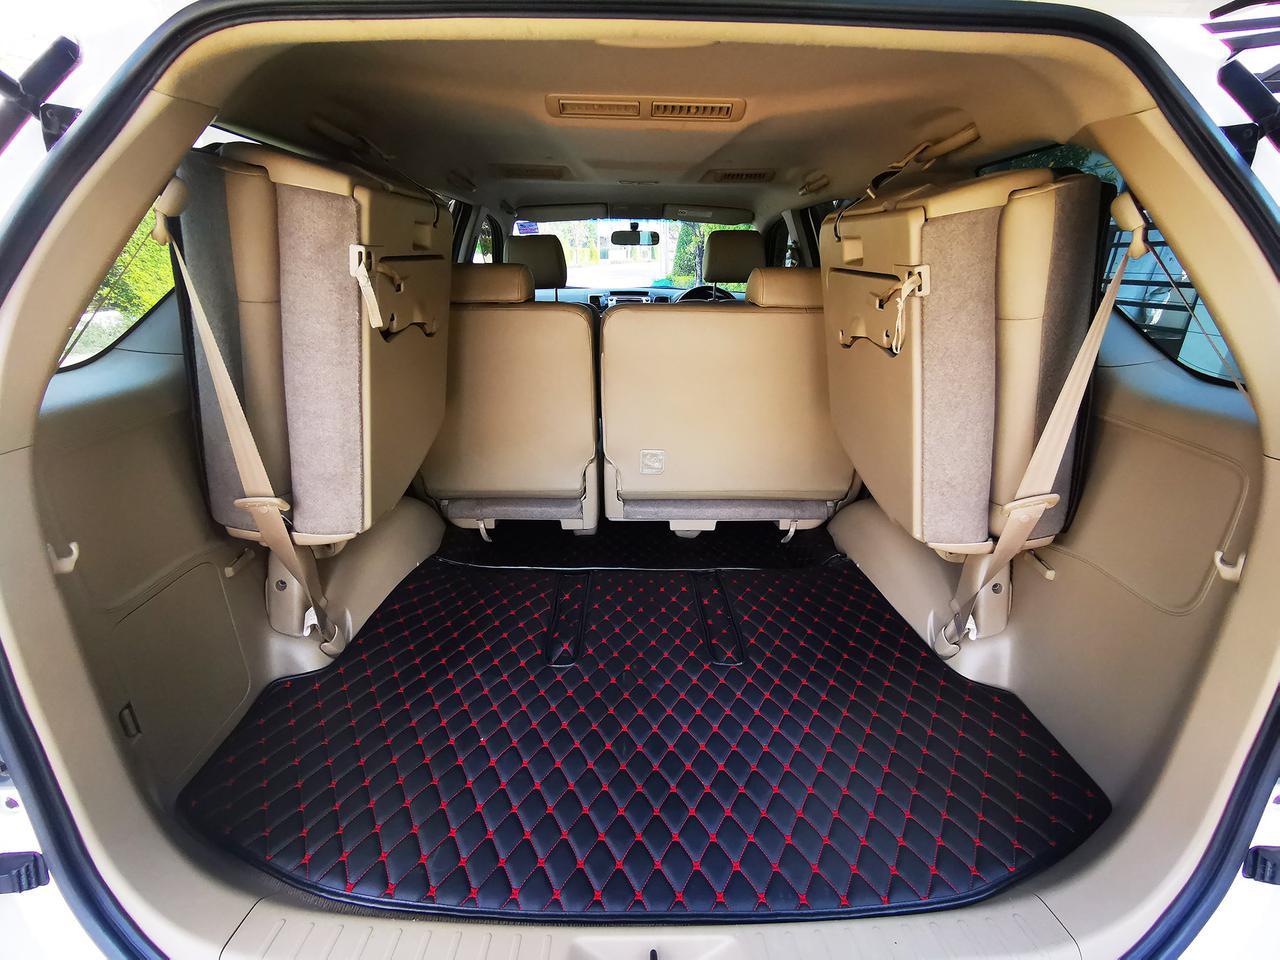 ขายรถมือสอง Fortuner 2.7 V (ปี 2013) สภาพสวยมาก เครื่องยนต์เบนซิน ใช้น้อยมาก ไมล์แท้  รูปที่ 6